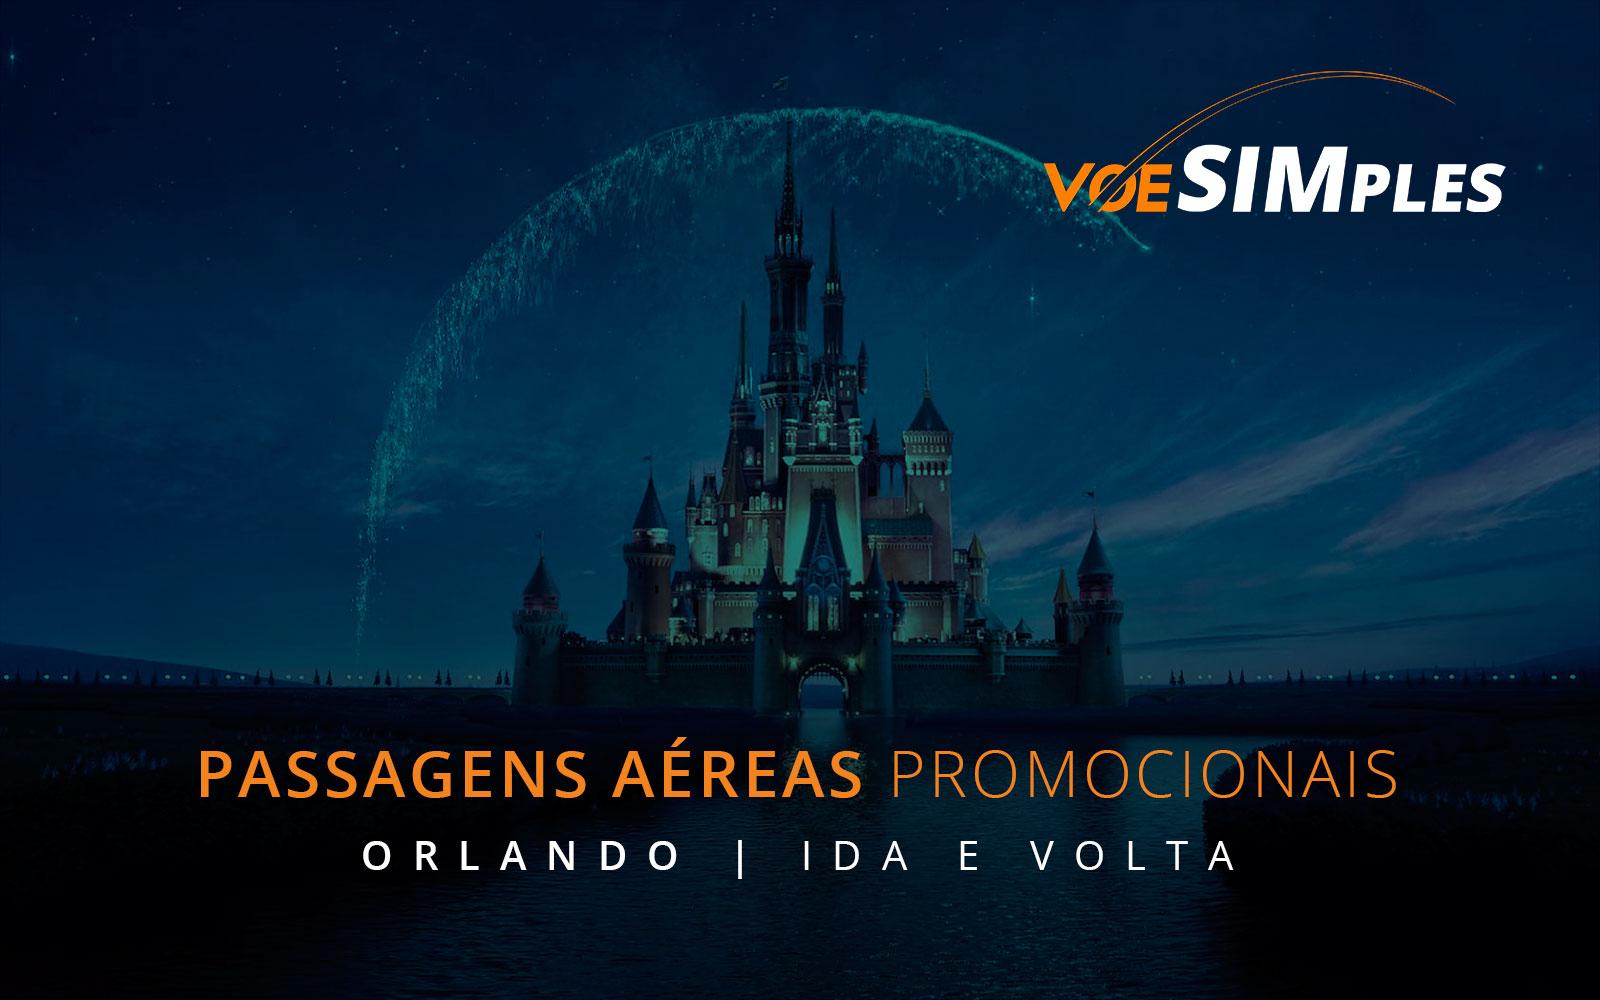 Passagens aéreas promocionais para Orlando nos Estados Unidos